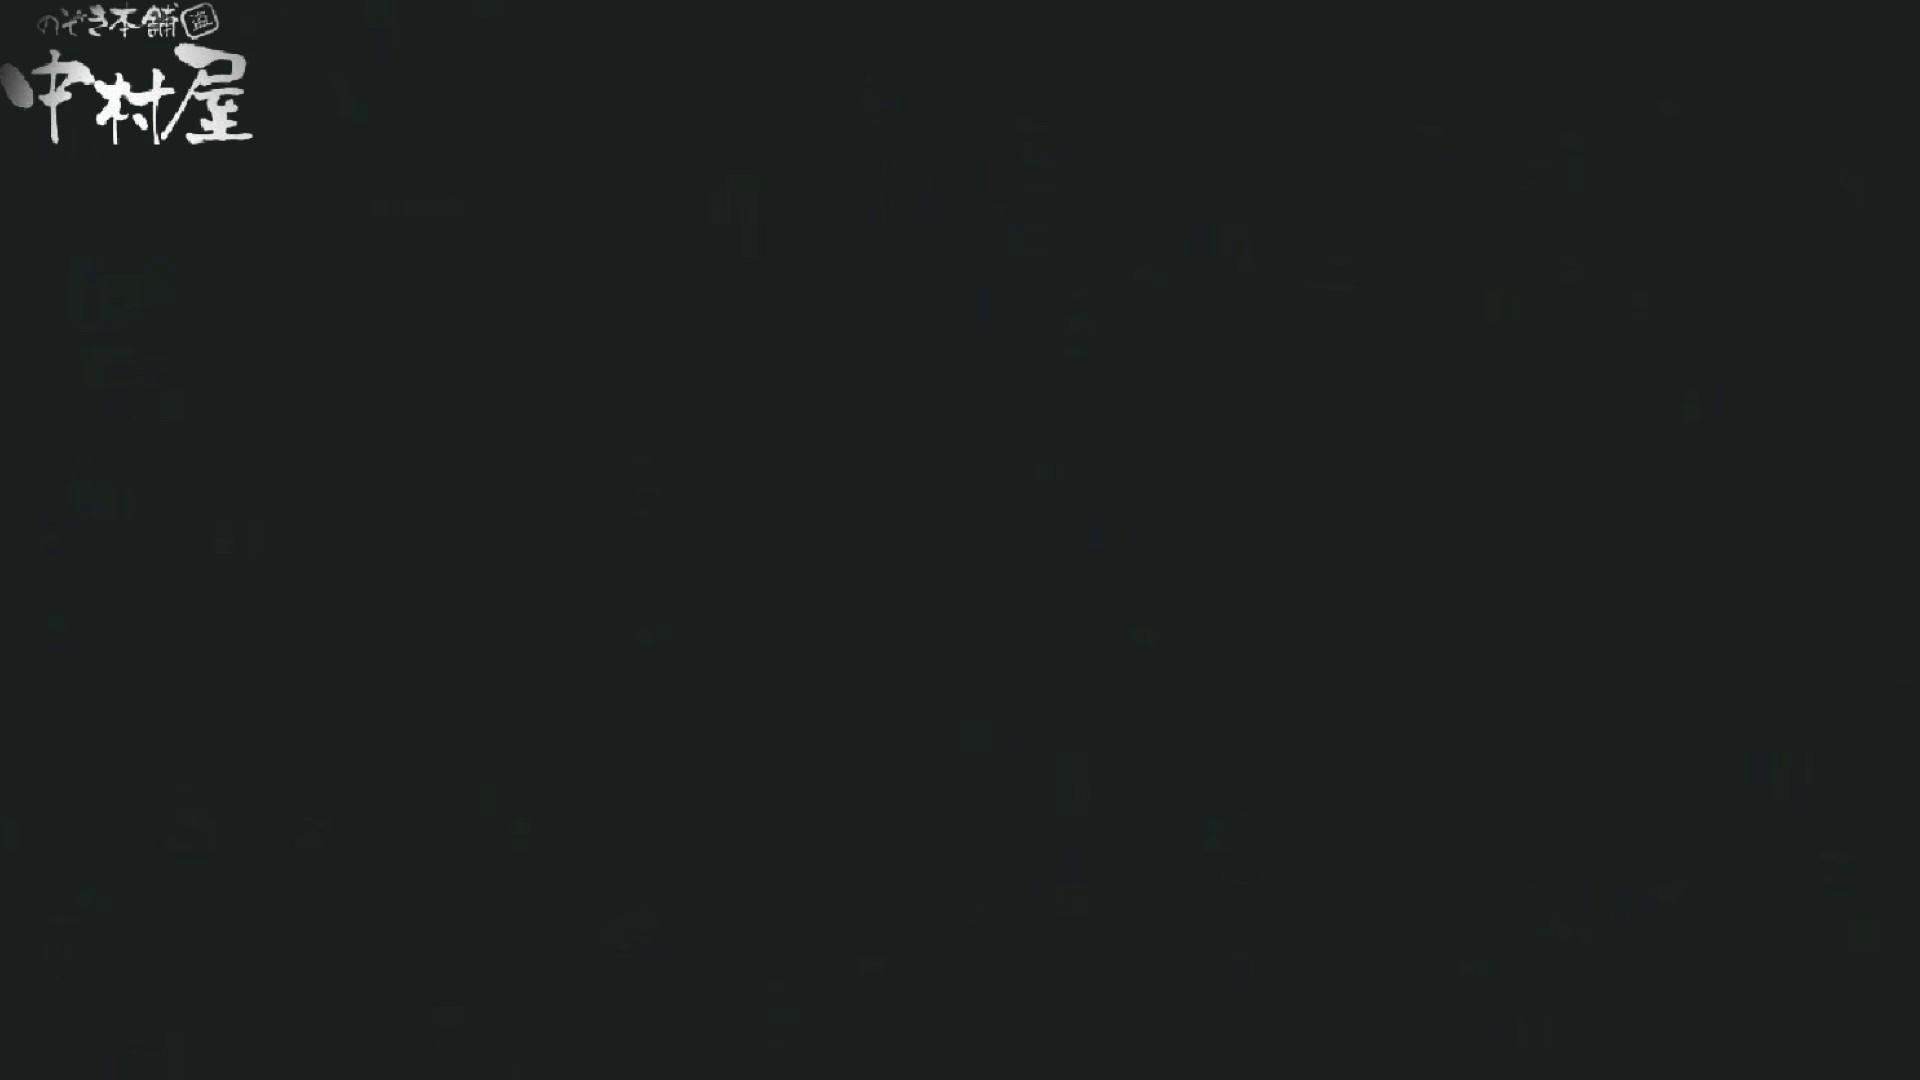 お漏らし寸前デパトイレ盗撮!Vol.08 お漏らし オマンコ動画キャプチャ 81連発 39